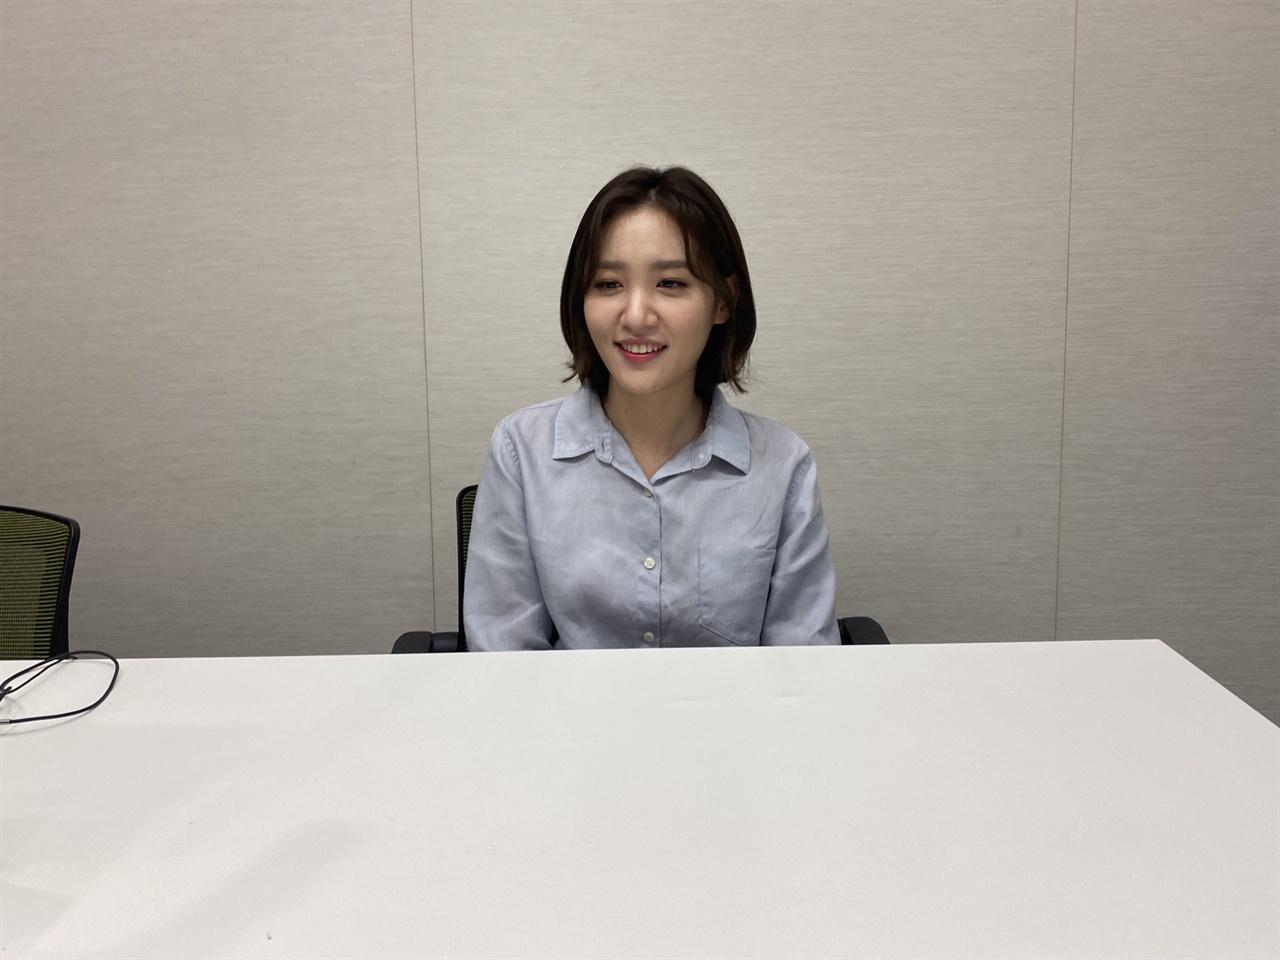 이영은 MBC 아나운서